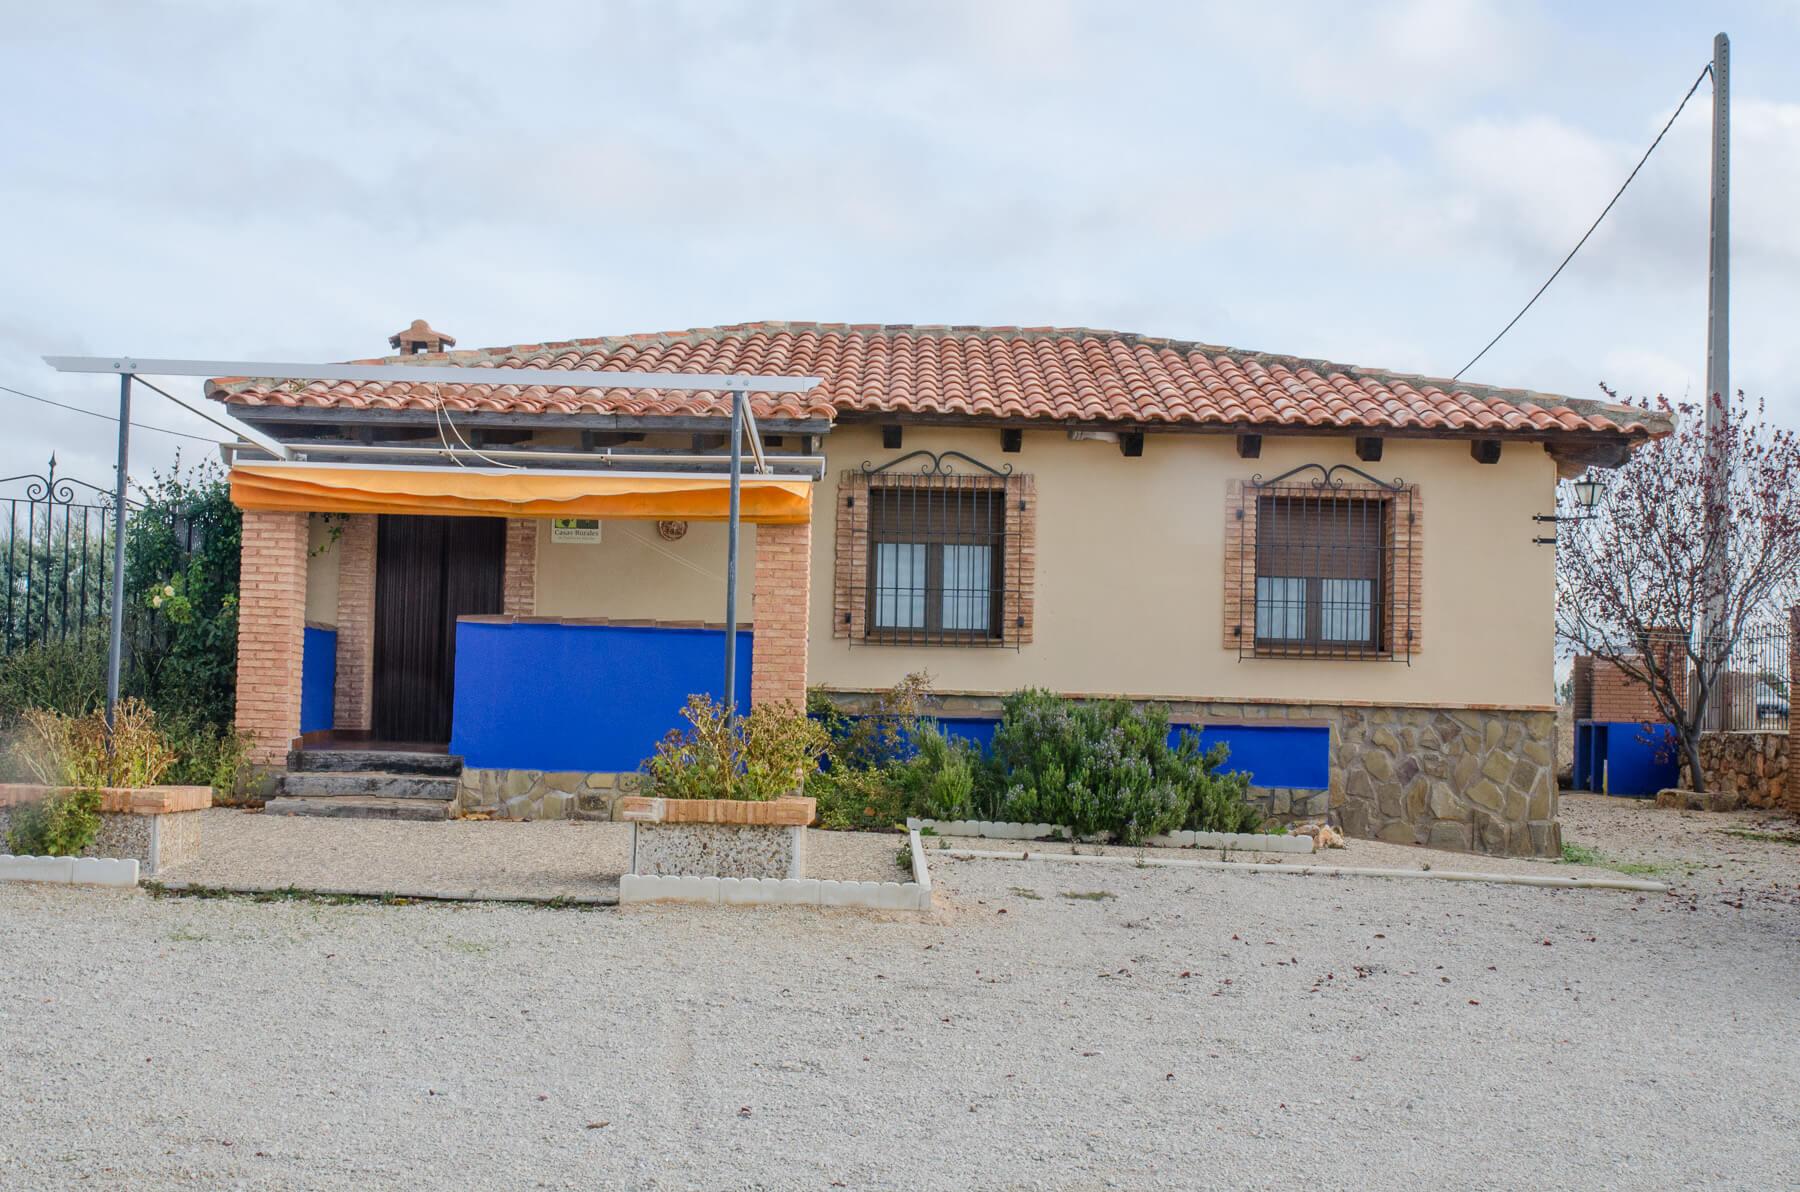 casas-rurales-el-descanso-del-andante-fotos-generales-14